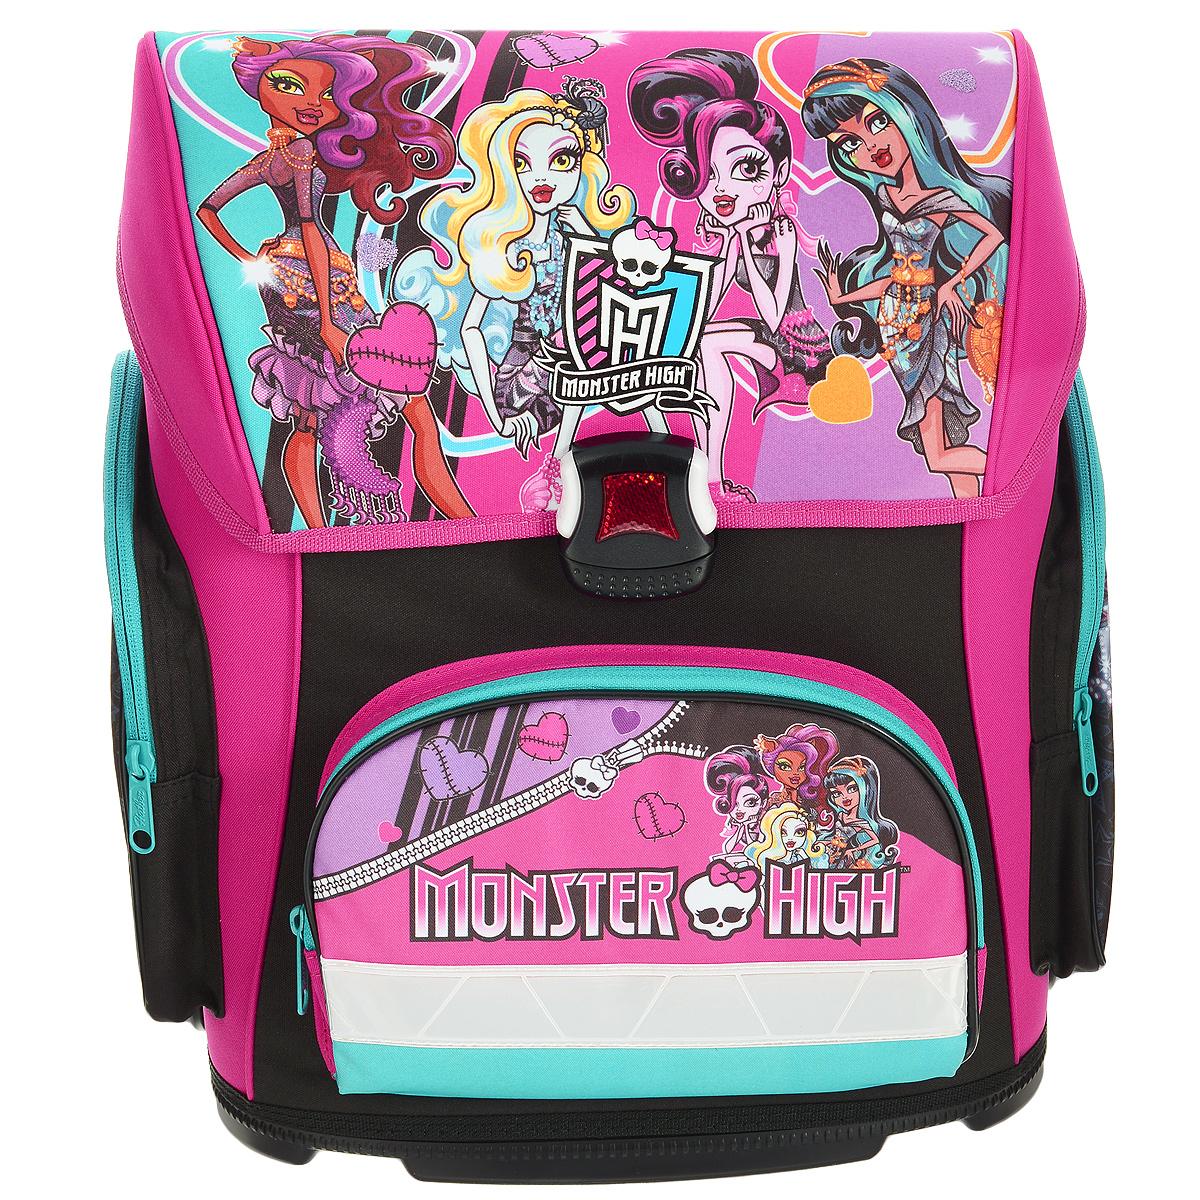 Ранец школьный Hatber Monster High, модель Optimum, цвет: черный, розовыйKMBB-UT1-4512Ранец школьный Hatber Monster High выполнен из водонепроницаемого, морозоустойчивого, устойчивого к солнечному излучению материала. Изделие оформлено изображениями героев мультфильма Школа монстров. Ранец содержит одно вместительное отделение, закрывающееся клапаном на пластиковый замок-защелку, который является морозоустойчивым, отличается долгим сроком службы. Внутри отделения имеется одна перегородка для тетрадей, учебников, маленький карман-косметичка на пластиковой молнии и накладной пластиковый кармашек, предназначенный для расписания уроков (имеется вкладыш для заполнения). Верхний клапан полностью откидывается, что существенно облегчает пользование ранцем. Ранец имеет два боковых кармана, закрывающихся на молнии и один карман на молнии на лицевой стороне. Ранец оснащен ручкой с резиновой насадкой для удобной переноски. Специальная жесткая конструкция спинки ранца оптимально распределяет нагрузку на позвоночник ребенка, способствуя формированию правильной осанки. В нижней части спинки расположен поясничный валик, на который, при правильном ношении, приходится основная нагрузка. Для удобства и комфорта, спинка и лямки ранца дополнены эргономичными подушечками, противоскользящей сеточкой с вентиляционными отверстиями. S-образная форма лямок обеспечивает более плотную фиксацию ранца, предотвращая перенапряжение мышц. Мягкие анатомические лямки позволяют легко и быстро отрегулировать ранец в соответствии с ростом ребенка. Дно ранца выполнено из пластика высокого качества, оно не деформируется, обеспечивает ранцу хорошую устойчивость и легко очищается от загрязнений.Светоотражающие элементы на лицевой и боковой стороне, а также на лямках рюкзака обеспечивают дополнительную безопасность в темное время суток.